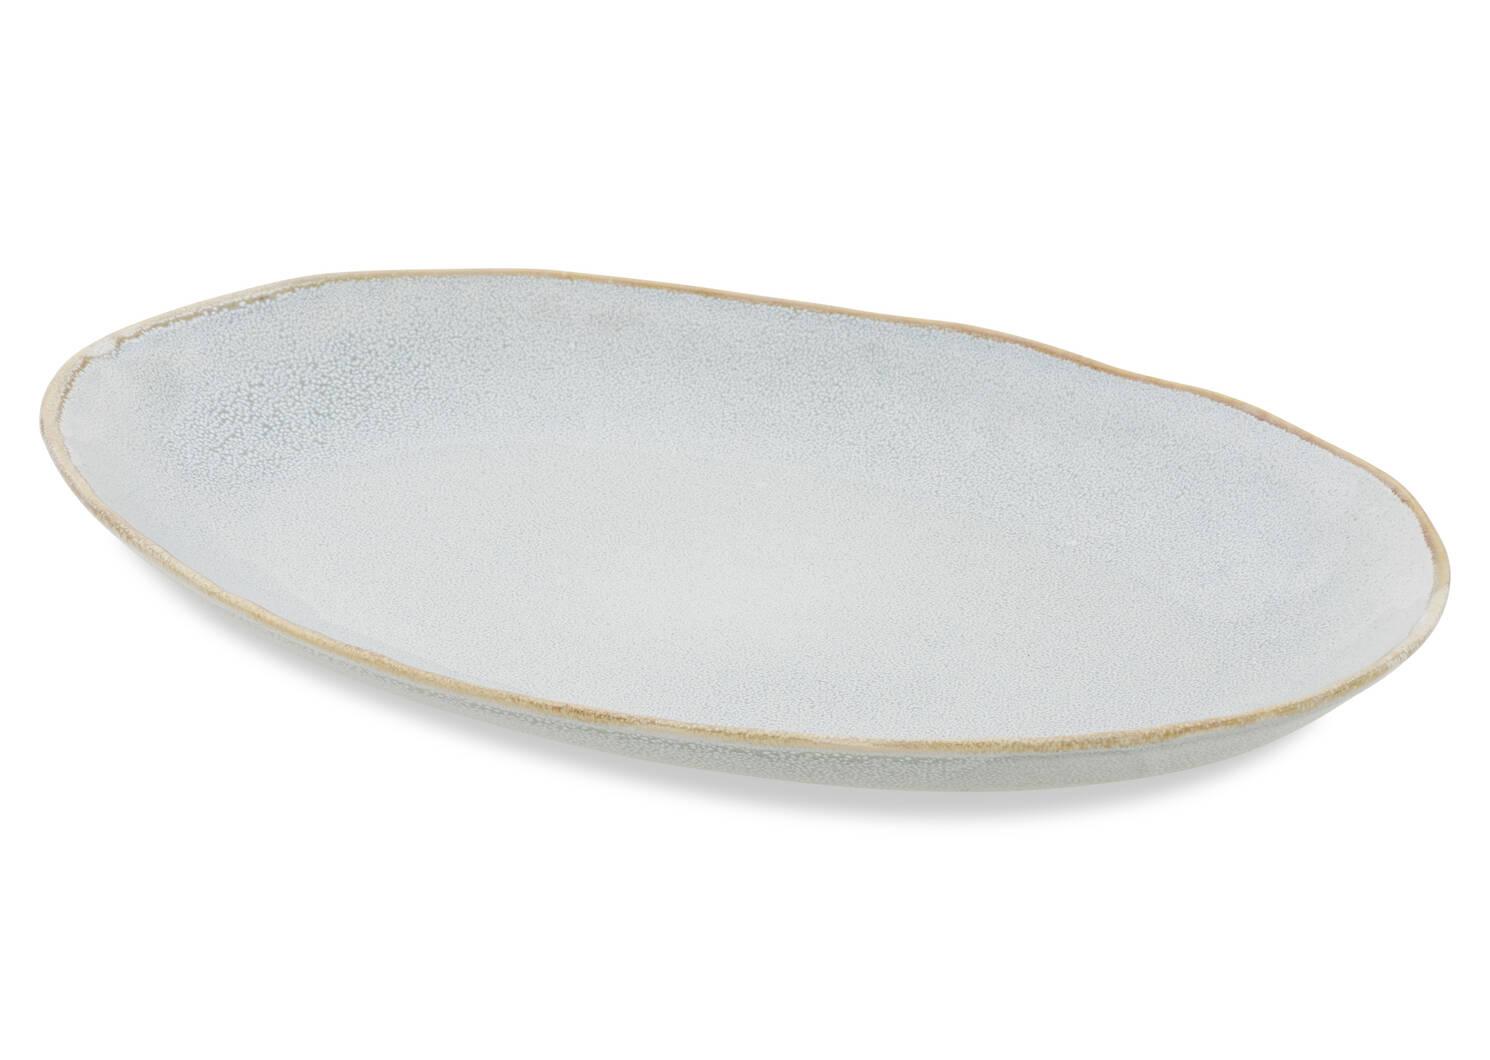 Crofton Serving Platter Light Grey